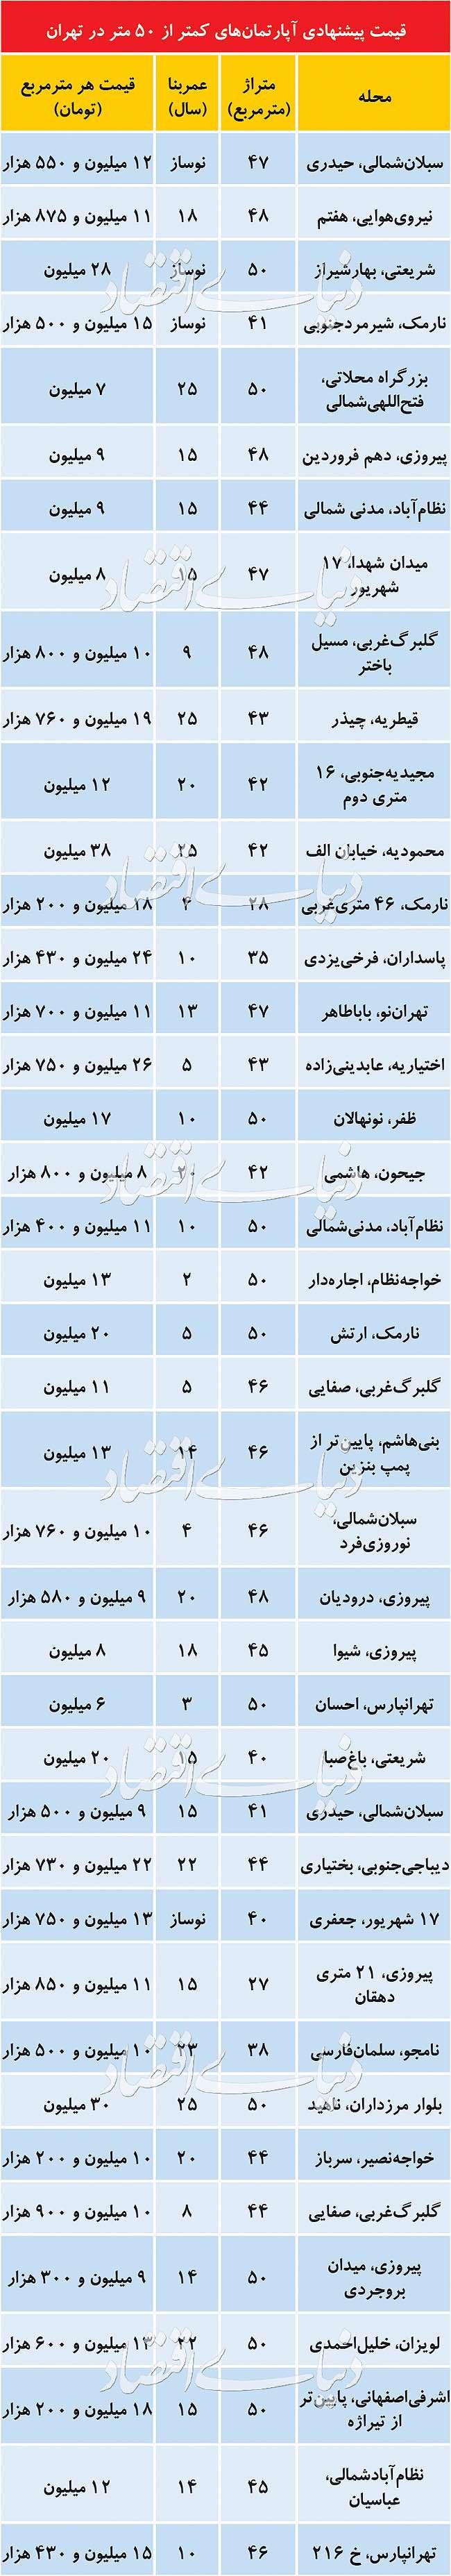 قیمت پیشنهادی املاک نقلی در تهران